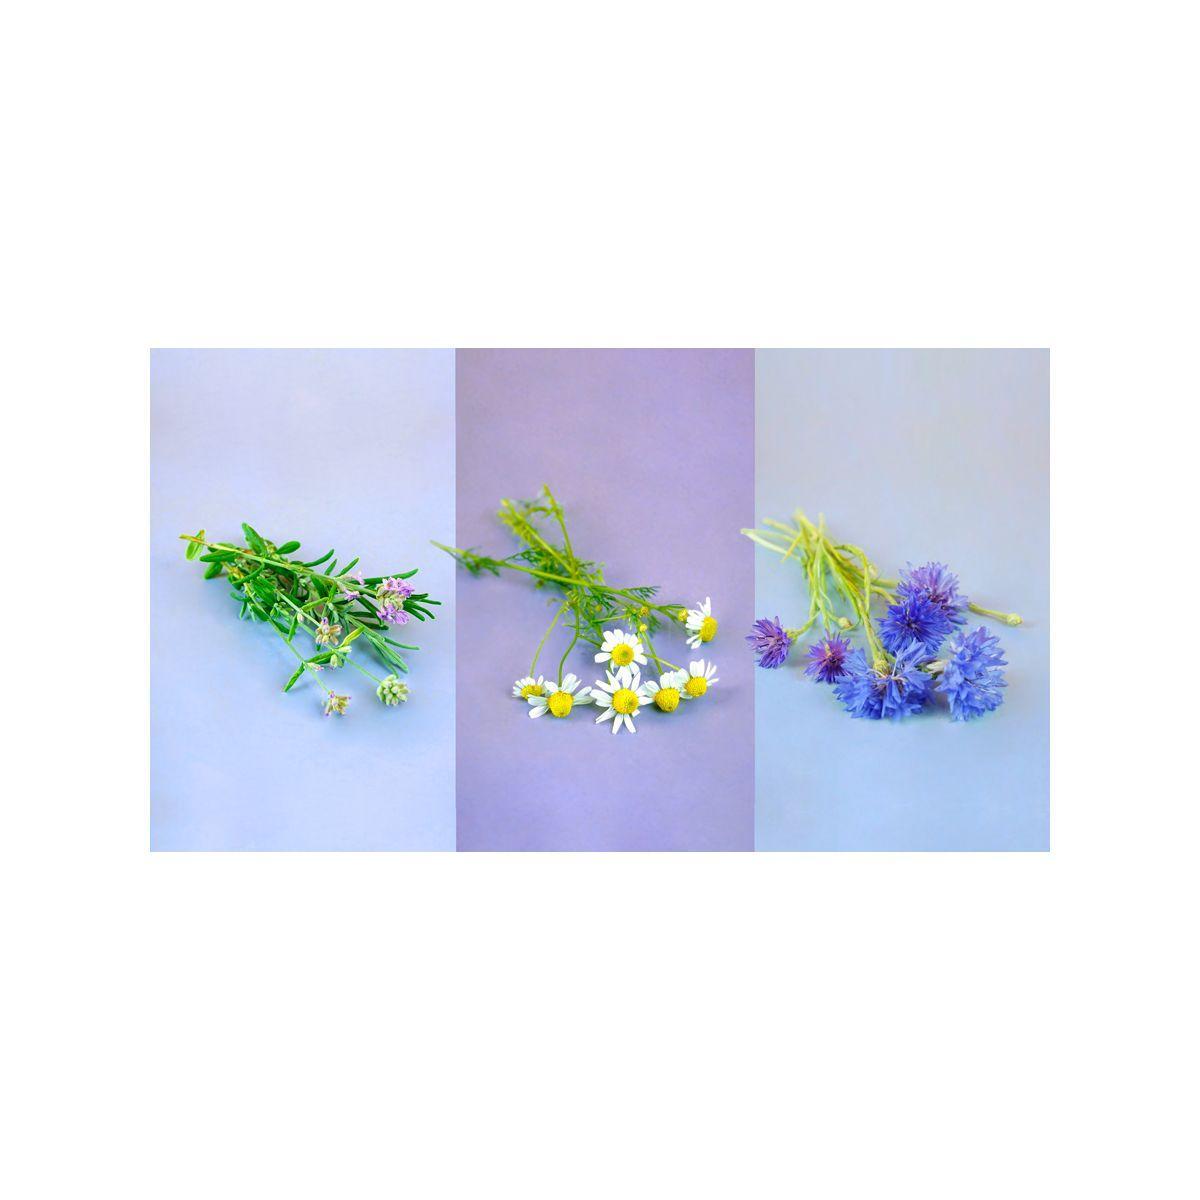 Recharge jardin int�rieur pret a pousser trio fleurs - camomille lavande bleuet - 10% de remise imm�diate avec le code : deal10 (photo)